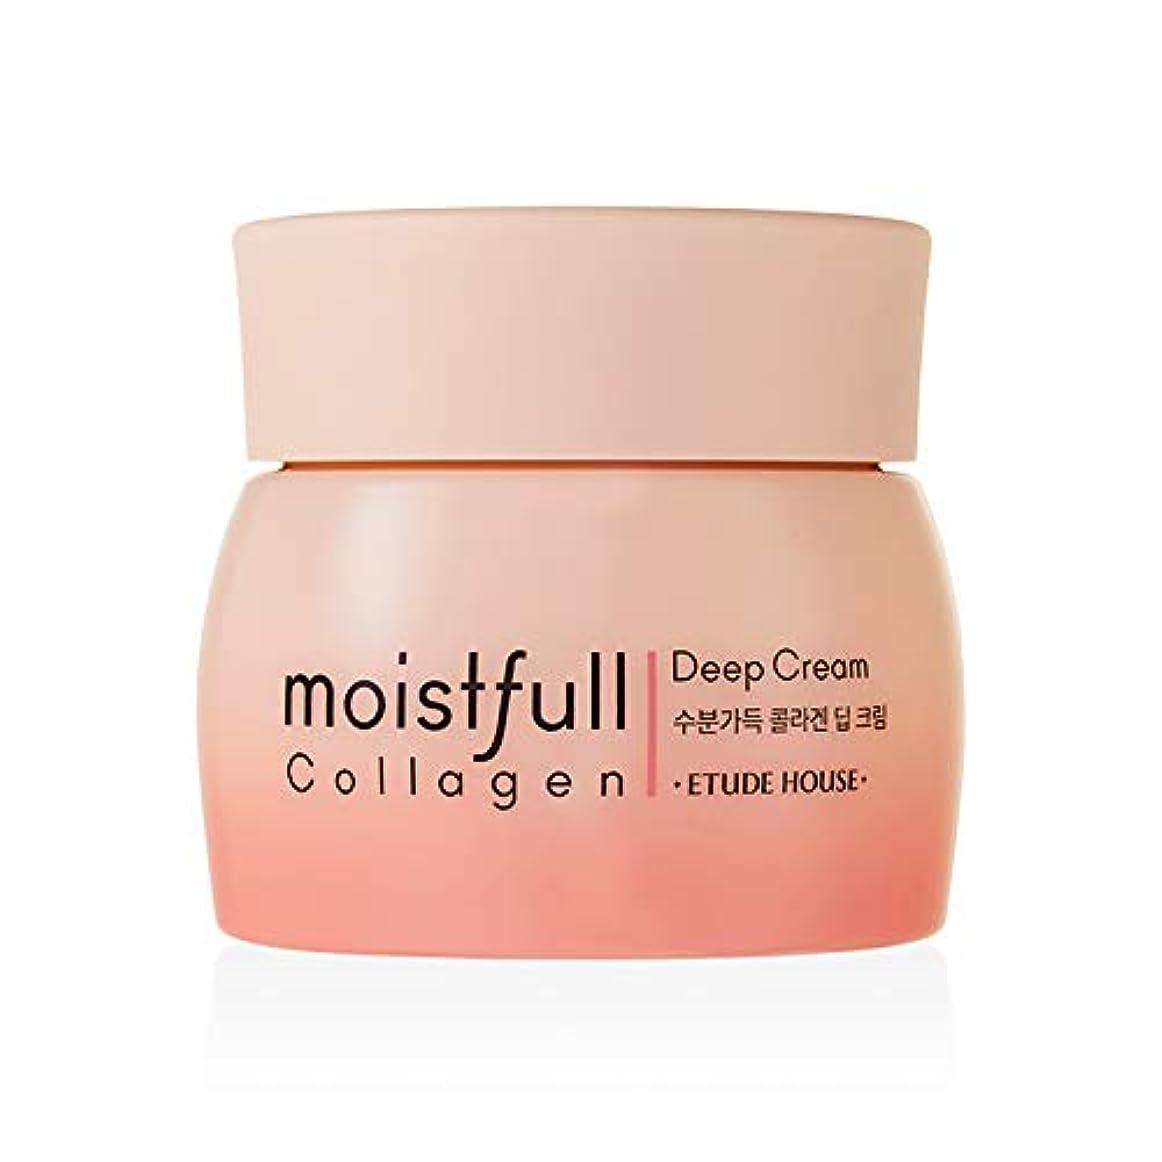 苗欲しいです吸収するエチュードハウス モイストフルCL リッチクリーム 75ml / ETUDE HOUSE Moistfull Collagen Deep Cream 75ml [並行輸入品]